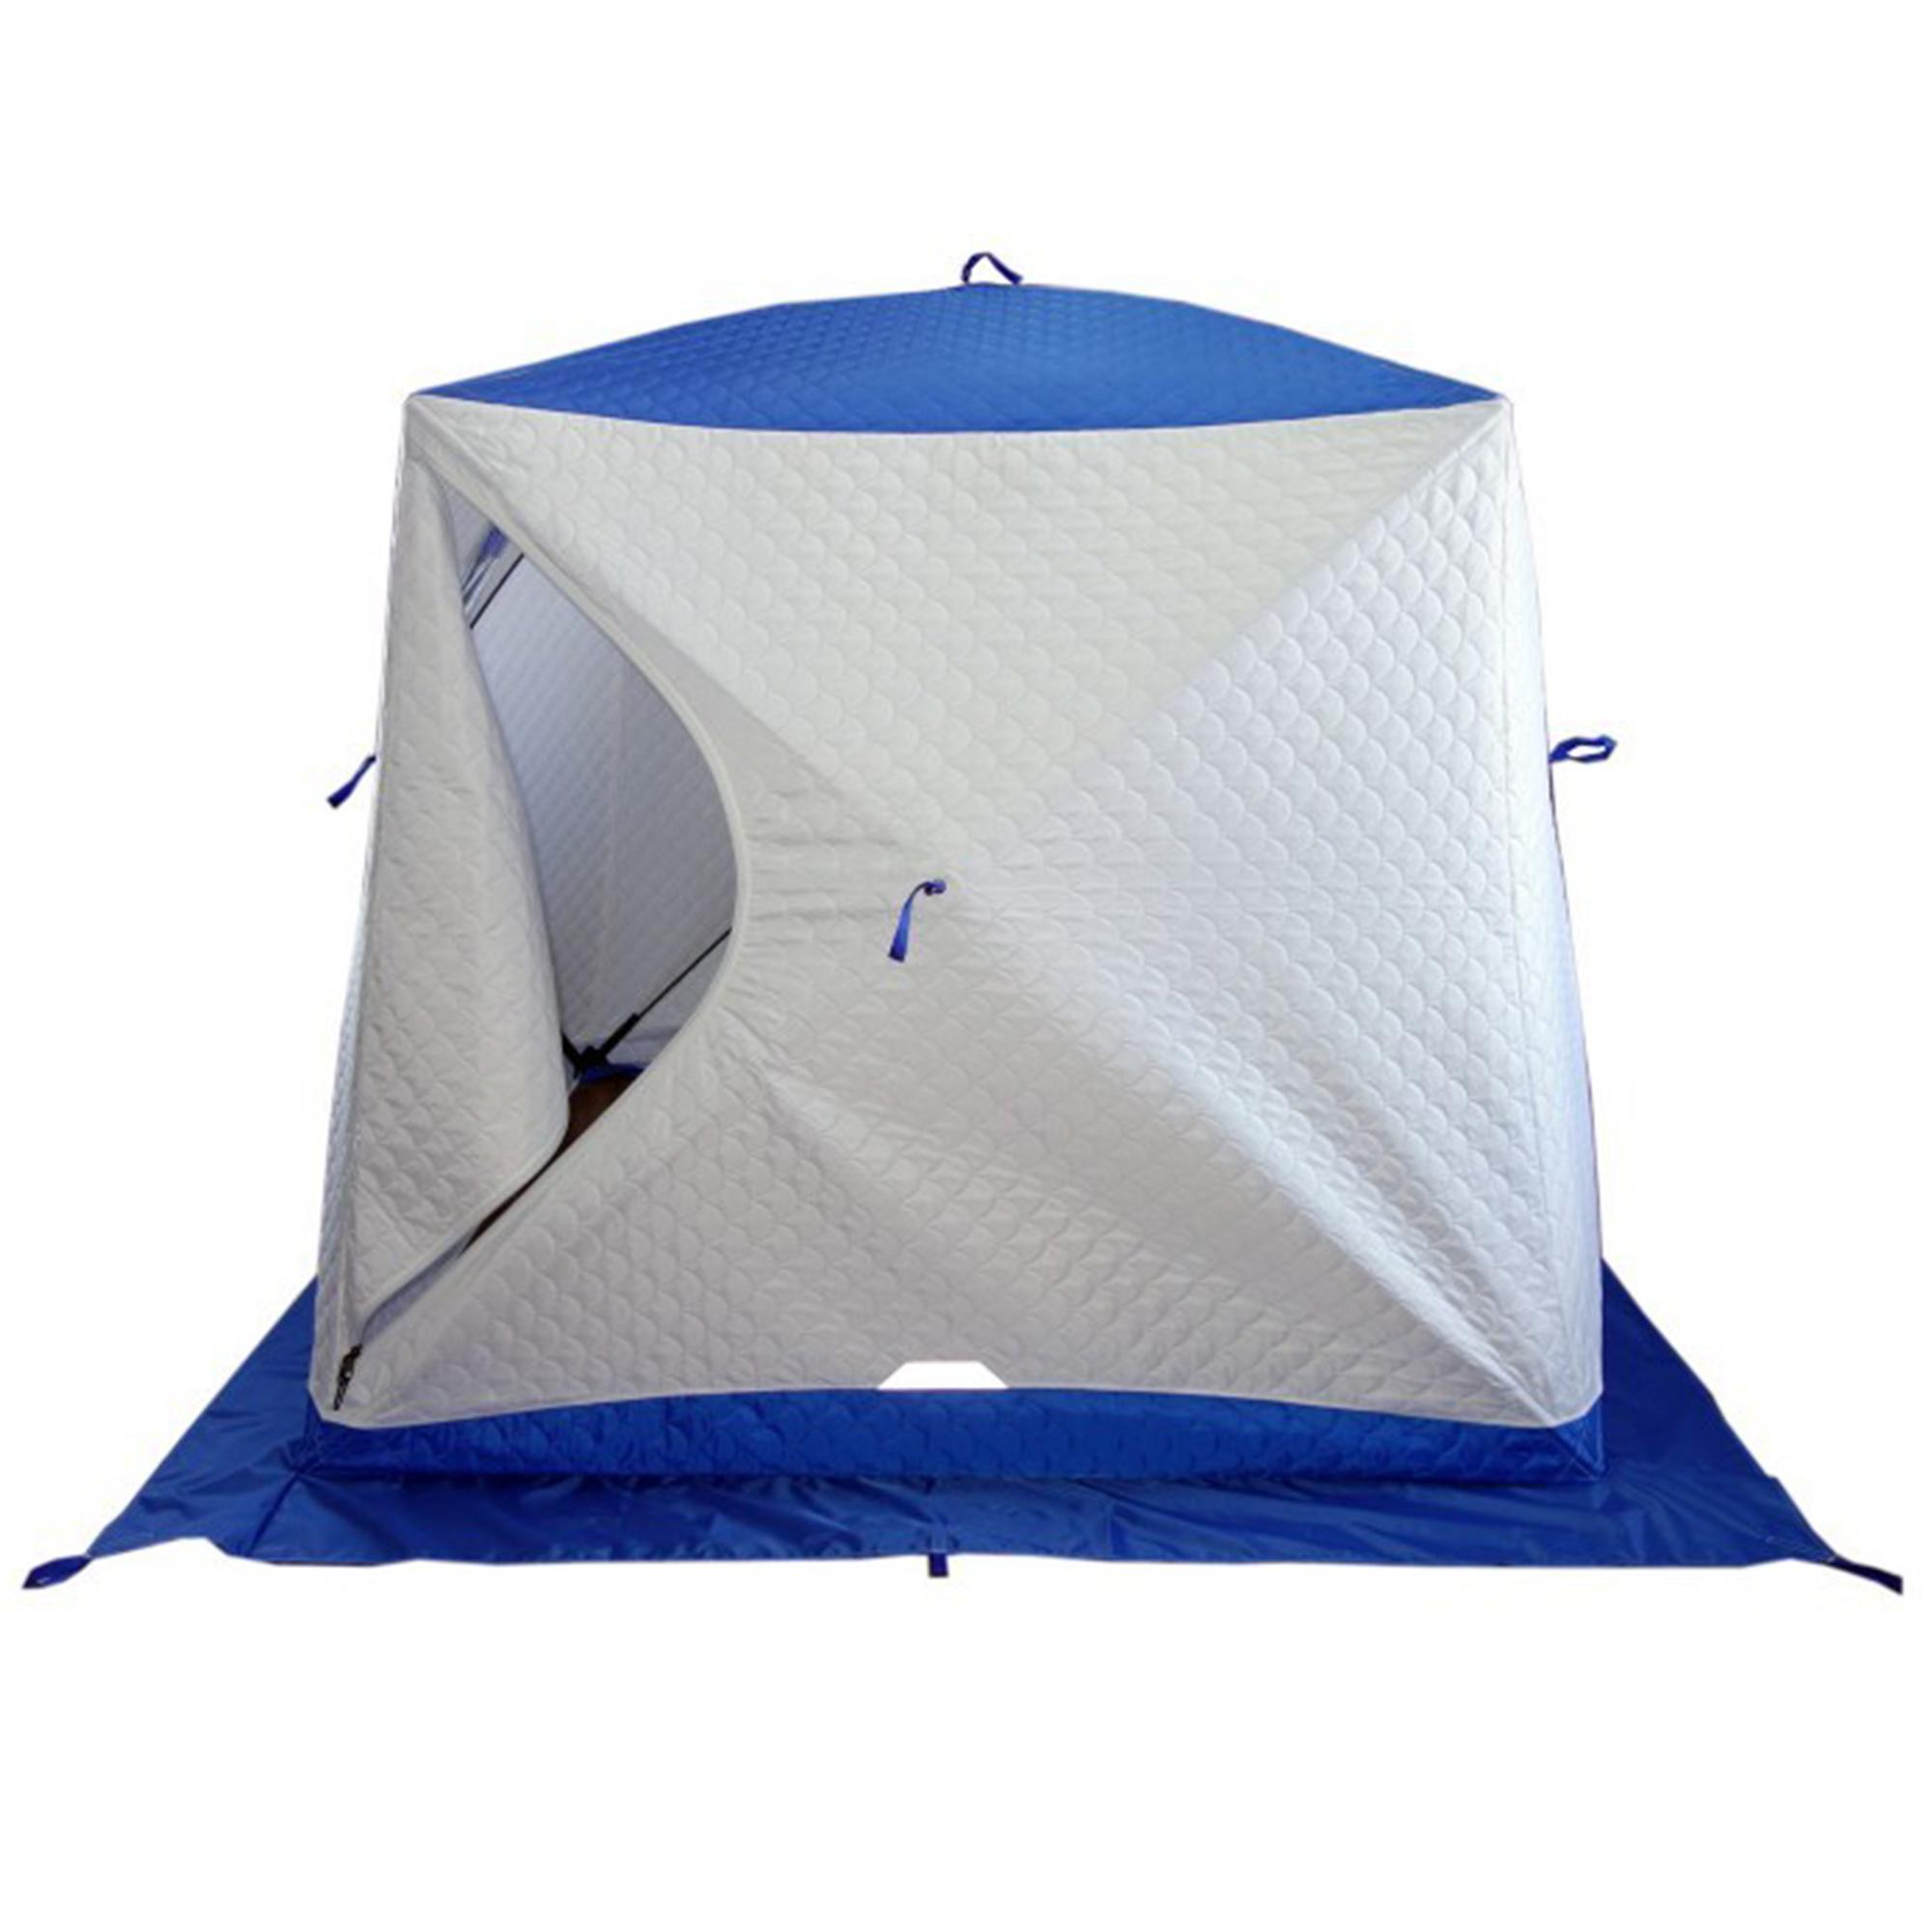 Палатка-куб ПИНГВИН Призма  Термолайт  (185*185, композит), Палатки для охоты и рыбалки - арт. 1145130375